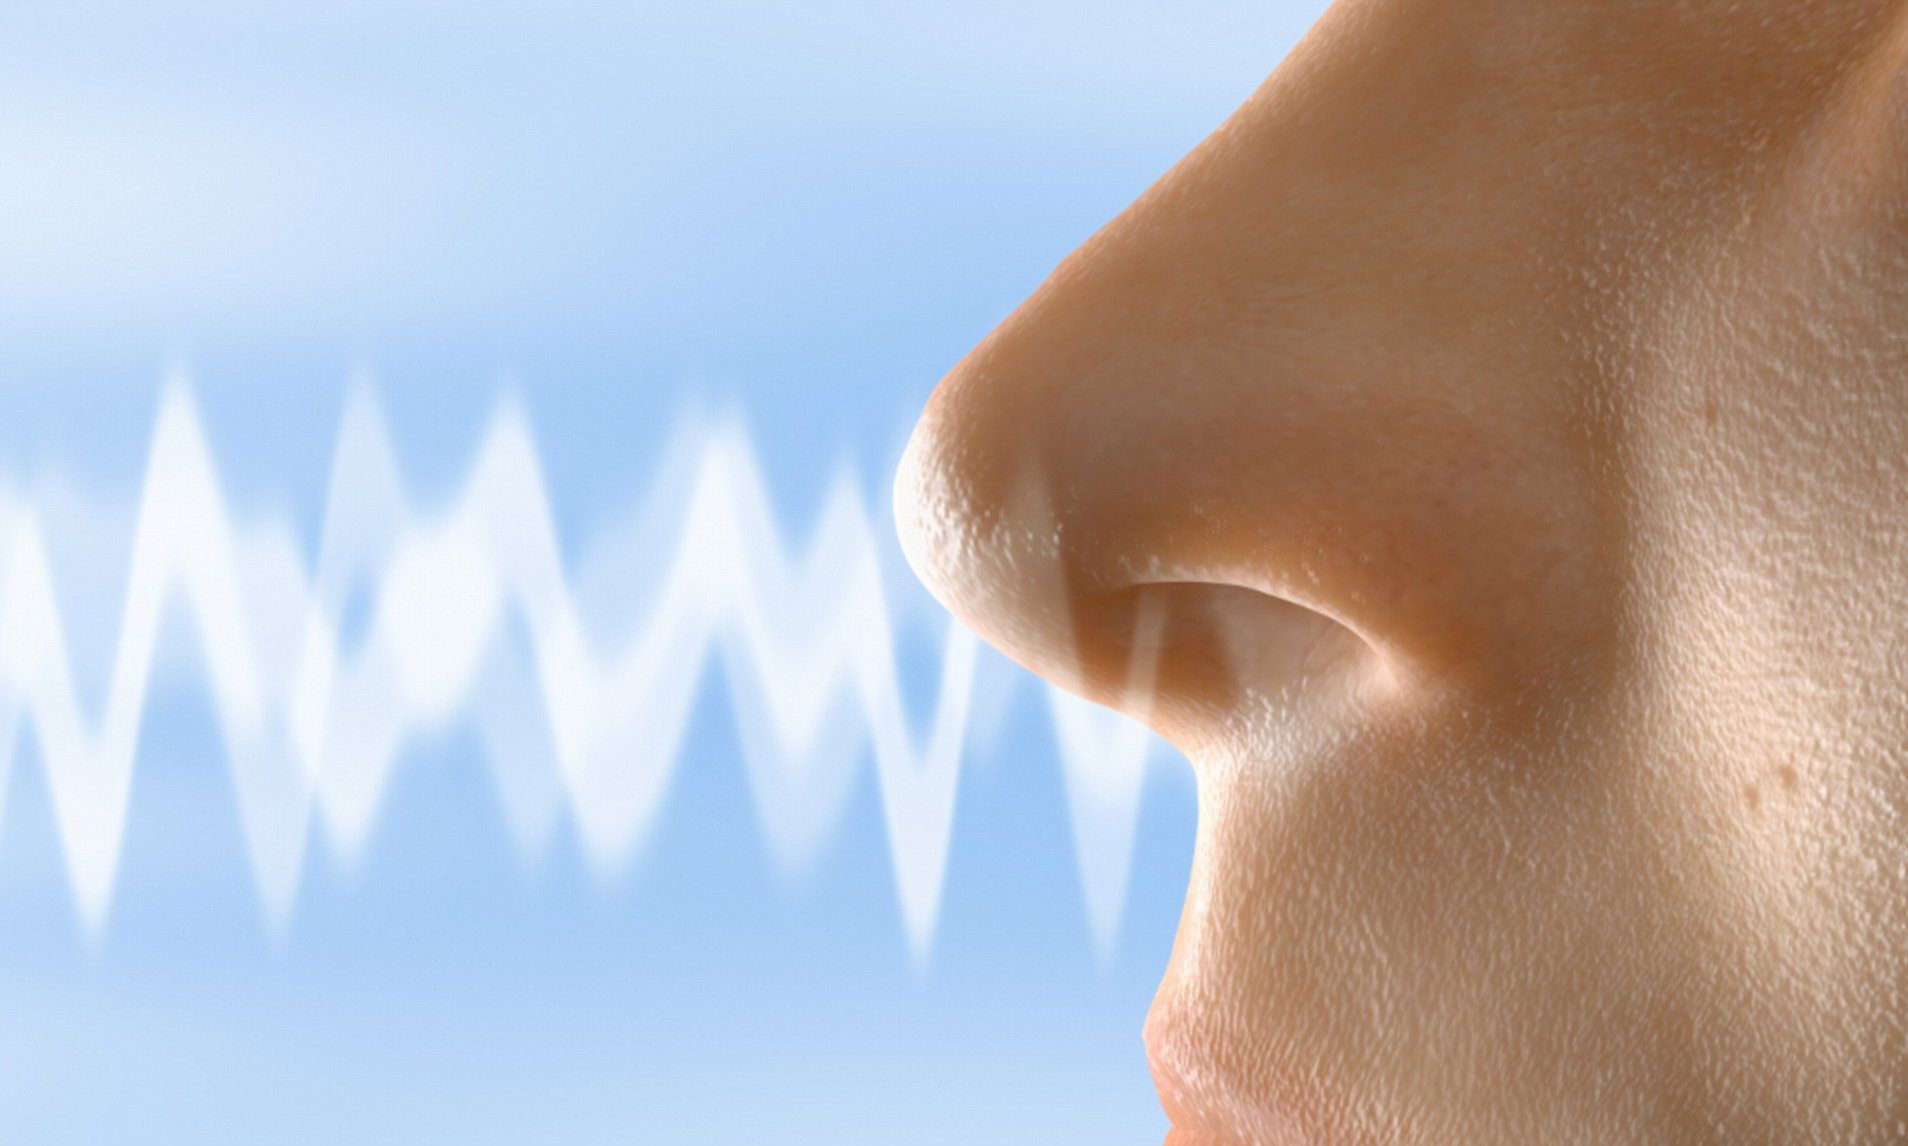 Otthonról végezhető szaglástesztet fejlesztettek ki izraeli kutatók